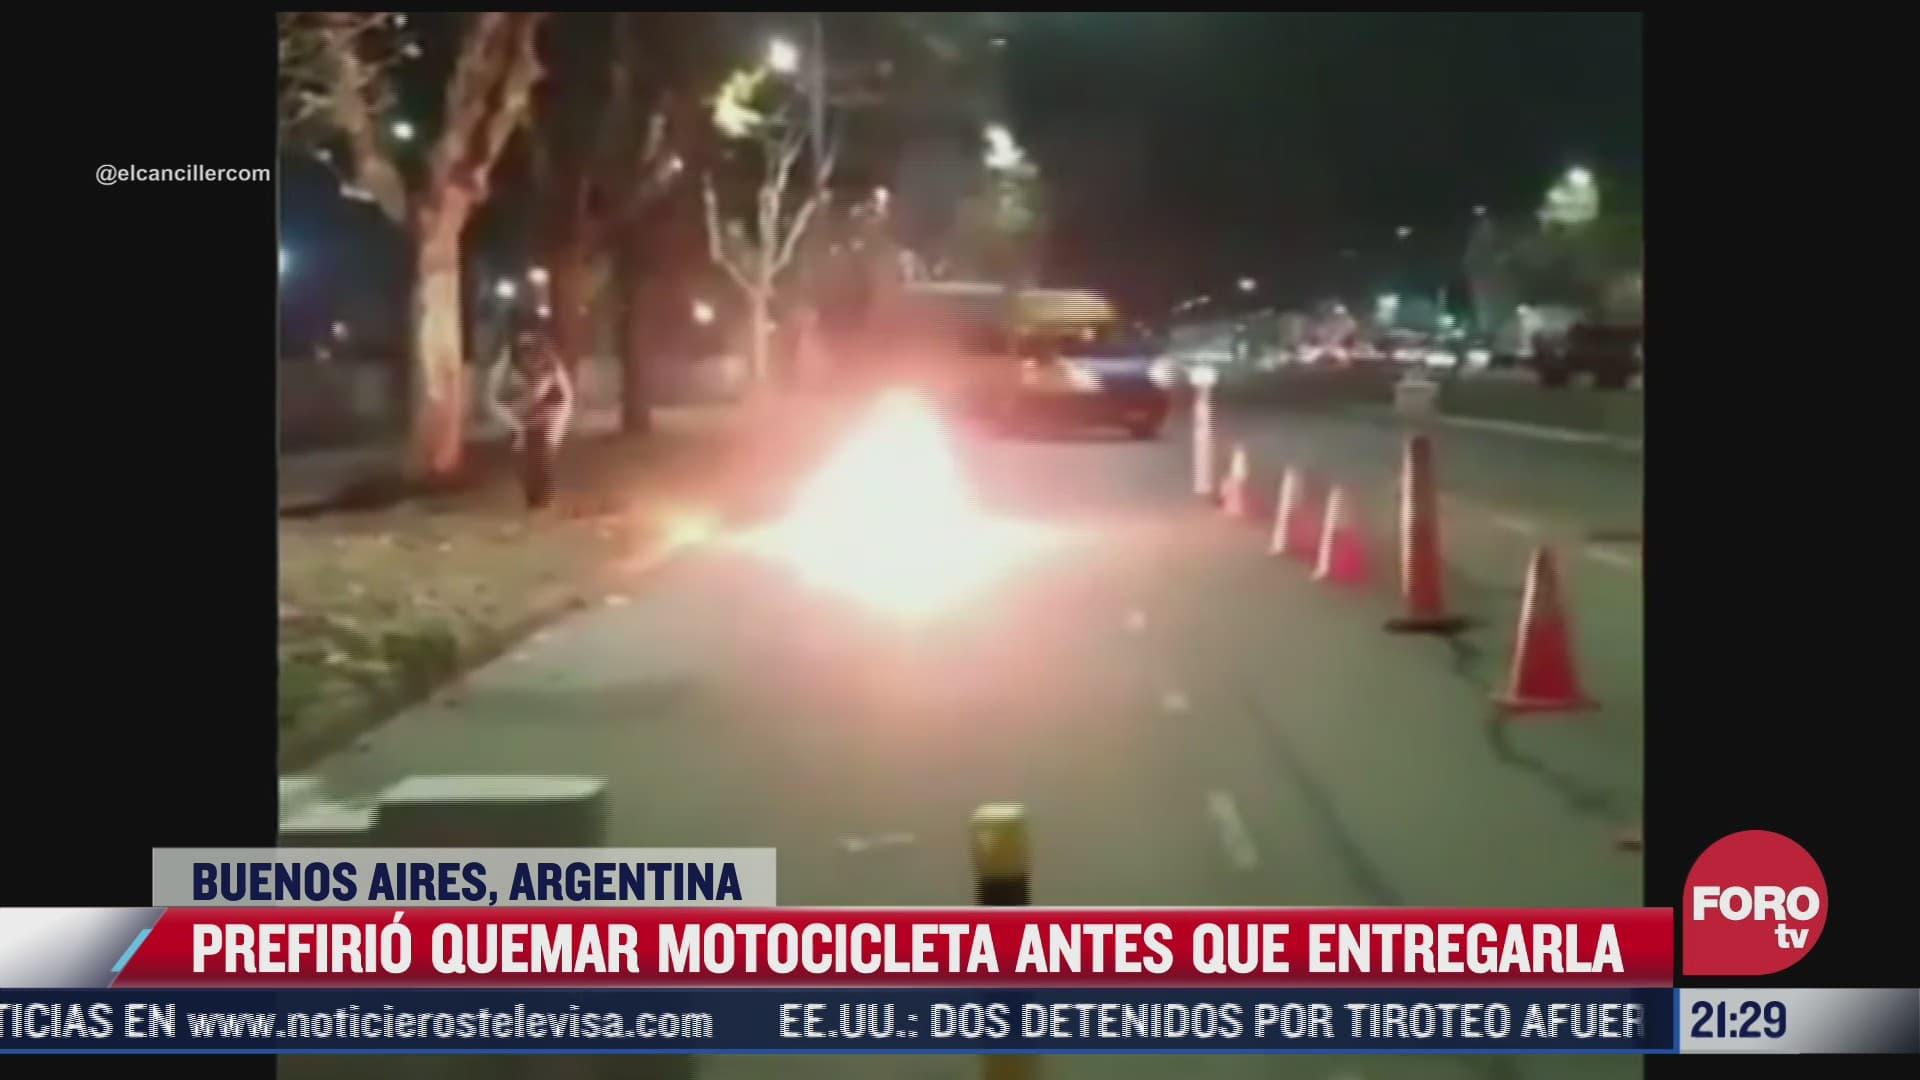 incendia motocicleta para evitar que se la llevara la policia